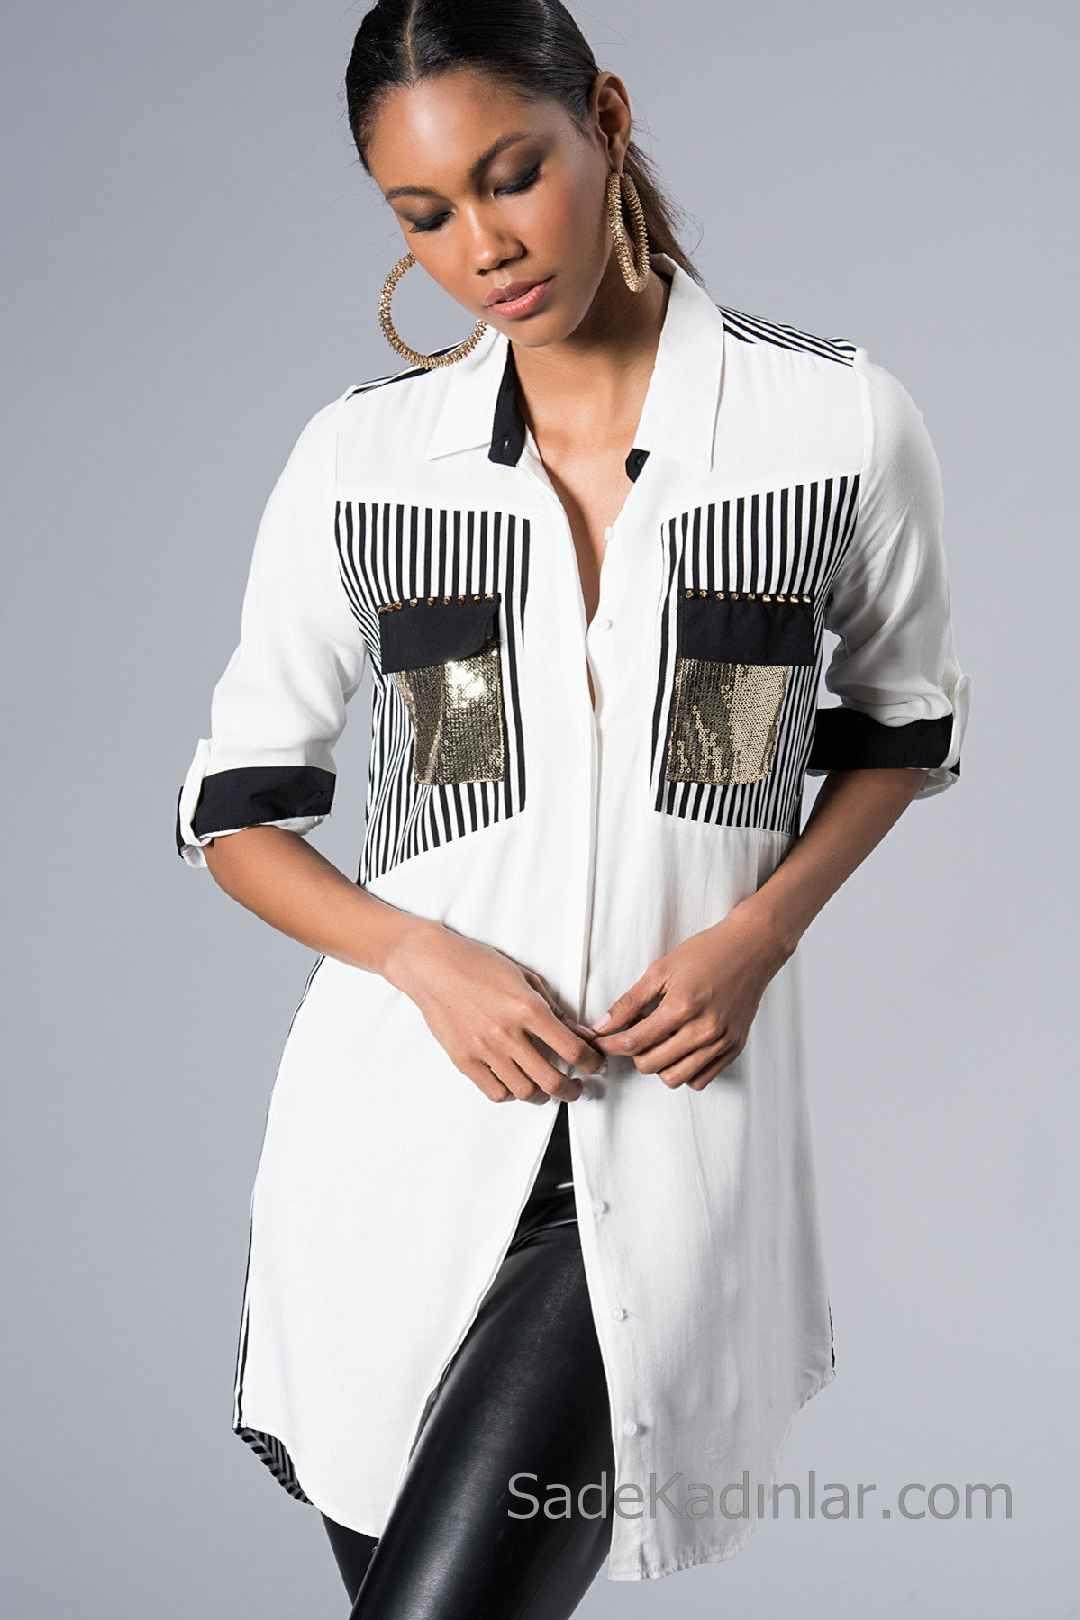 2020 Beyaz Gomlek Modelleri Uzun Kol Onden Dugmeli Payetli Cep Detayli Tasarimci Giyim Moda Stilleri Moda Tasarimcilari